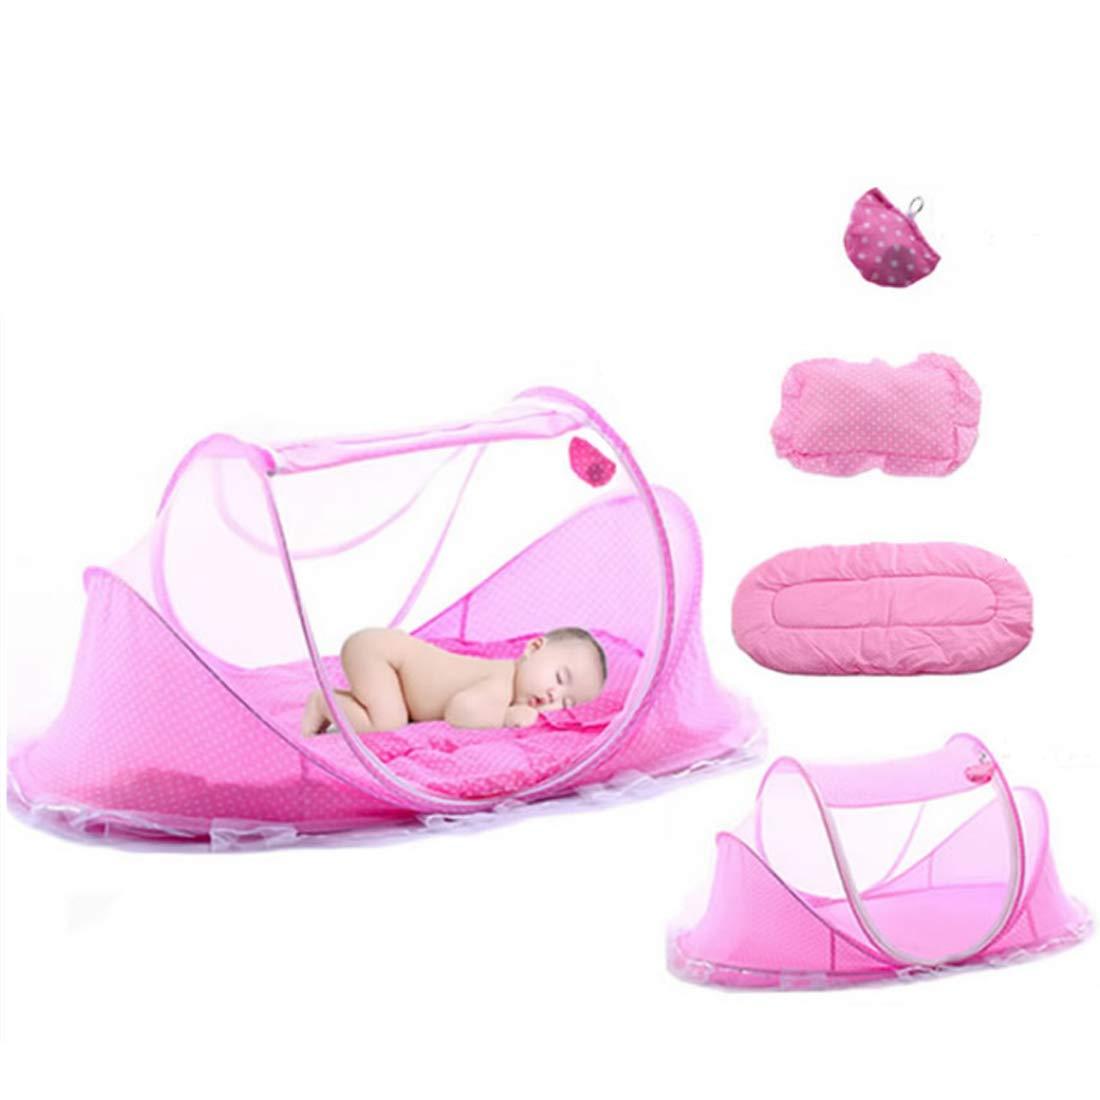 Matratze Babyzelt Reisebett Reisebett Baby Anti Mosquito Reisebettzelt Babyzelt Faltbett mit Moskitonetz Baumwollkissen und Musikpaket Rosa